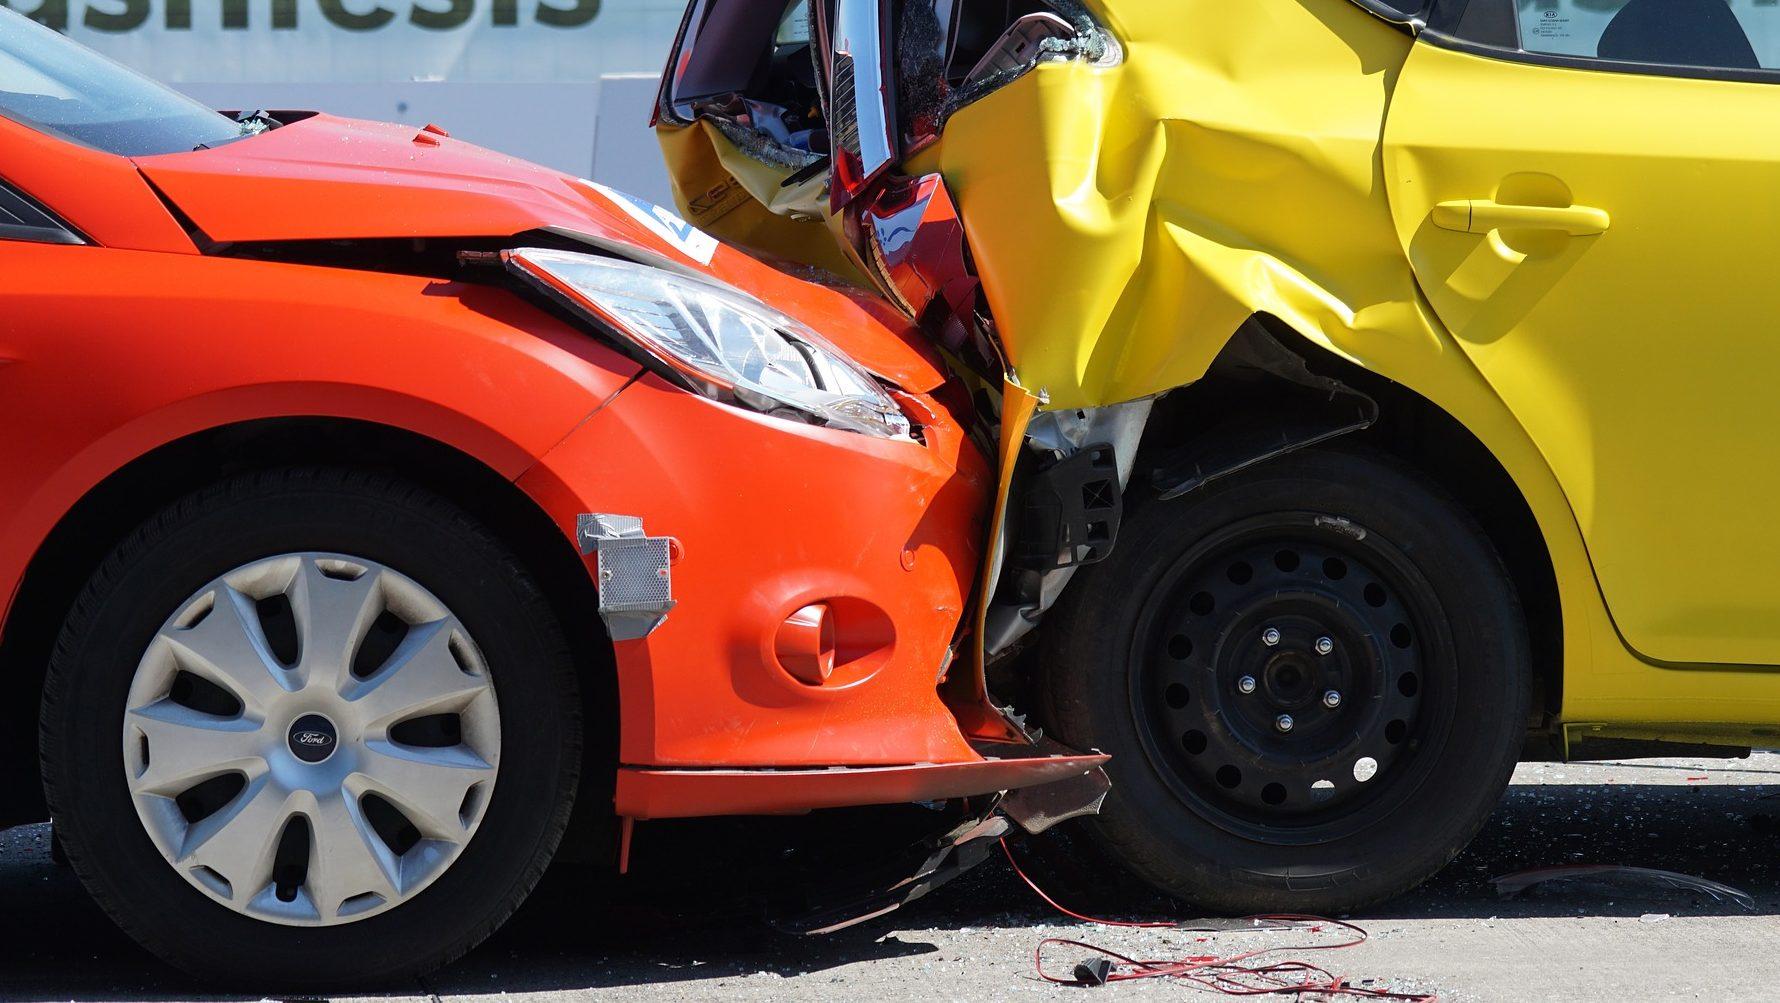 יד שרה תובעת את חברות הביטוח על מחיר הציוד שסיפקה לנפגעי תאונות דרכים